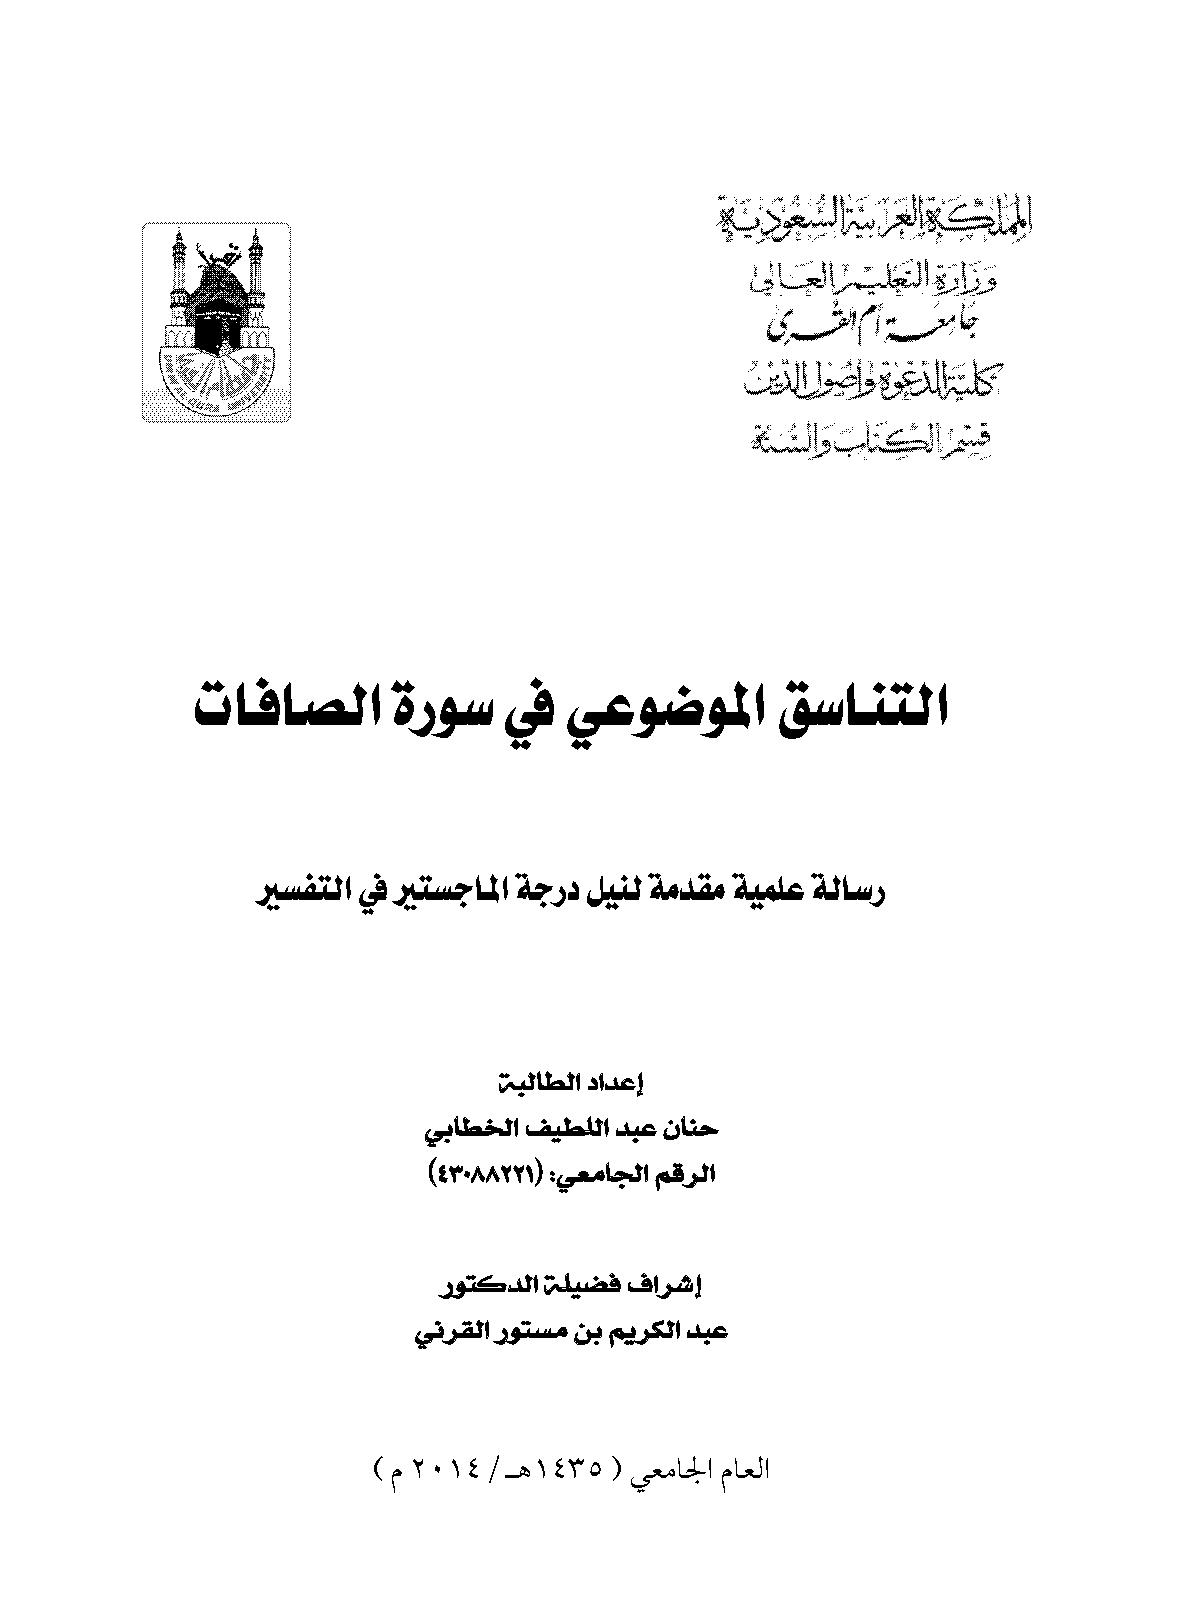 التناسق الموضوعي في سورة الصافات - حنان عبد اللطيف الخطابي